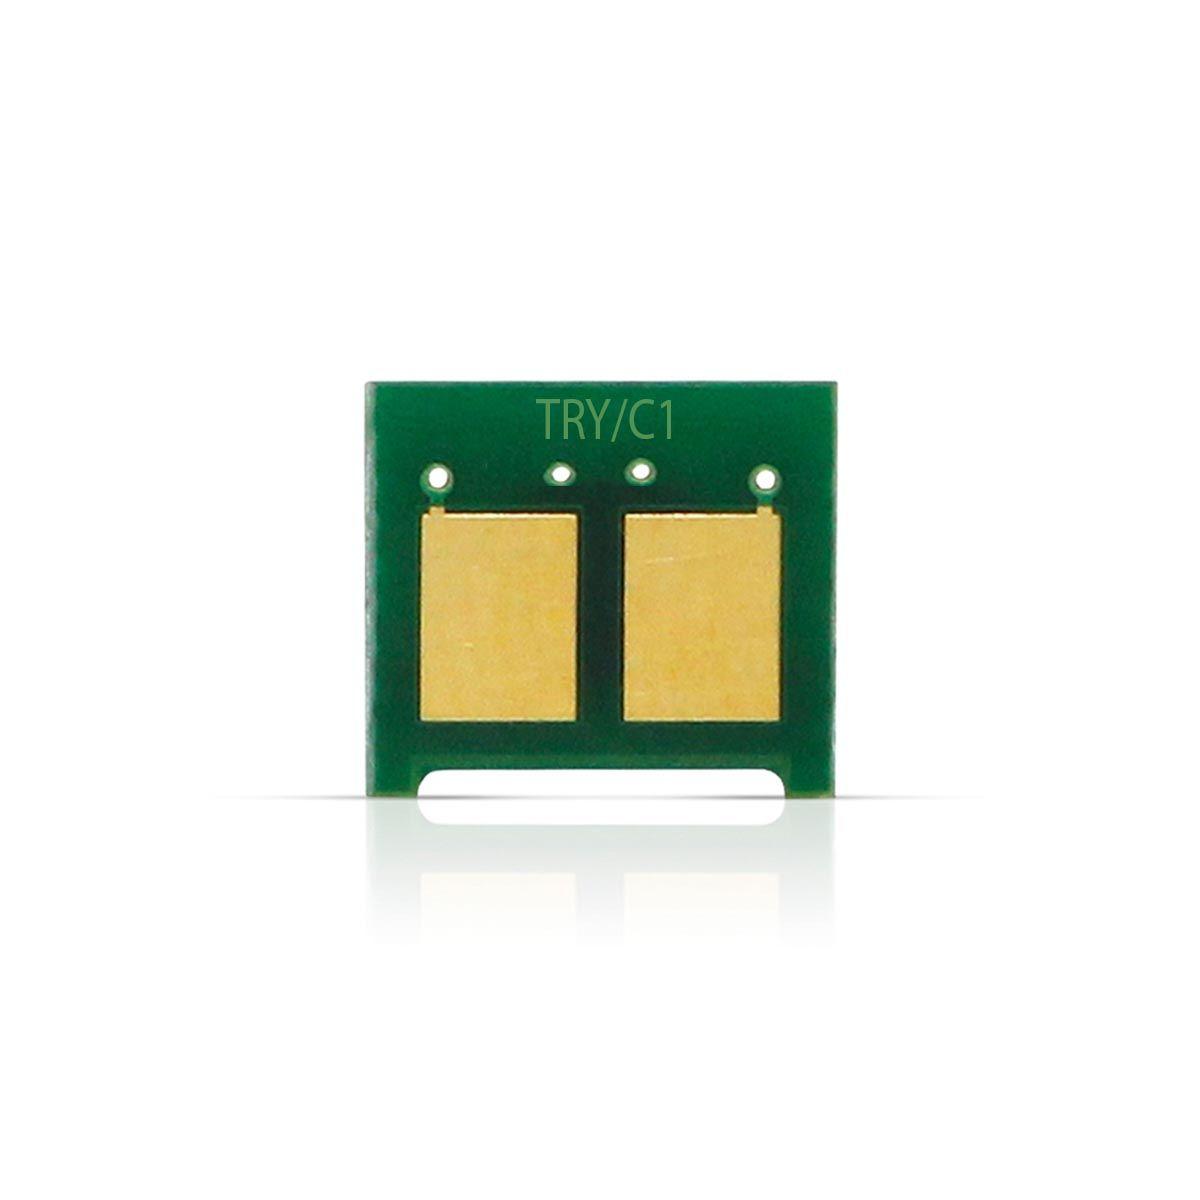 SMART CHIP HP CB542A/CC532A/CE252A/312A/322A/402A/412A/CF212A/382A AMARELO (TRY/C1)